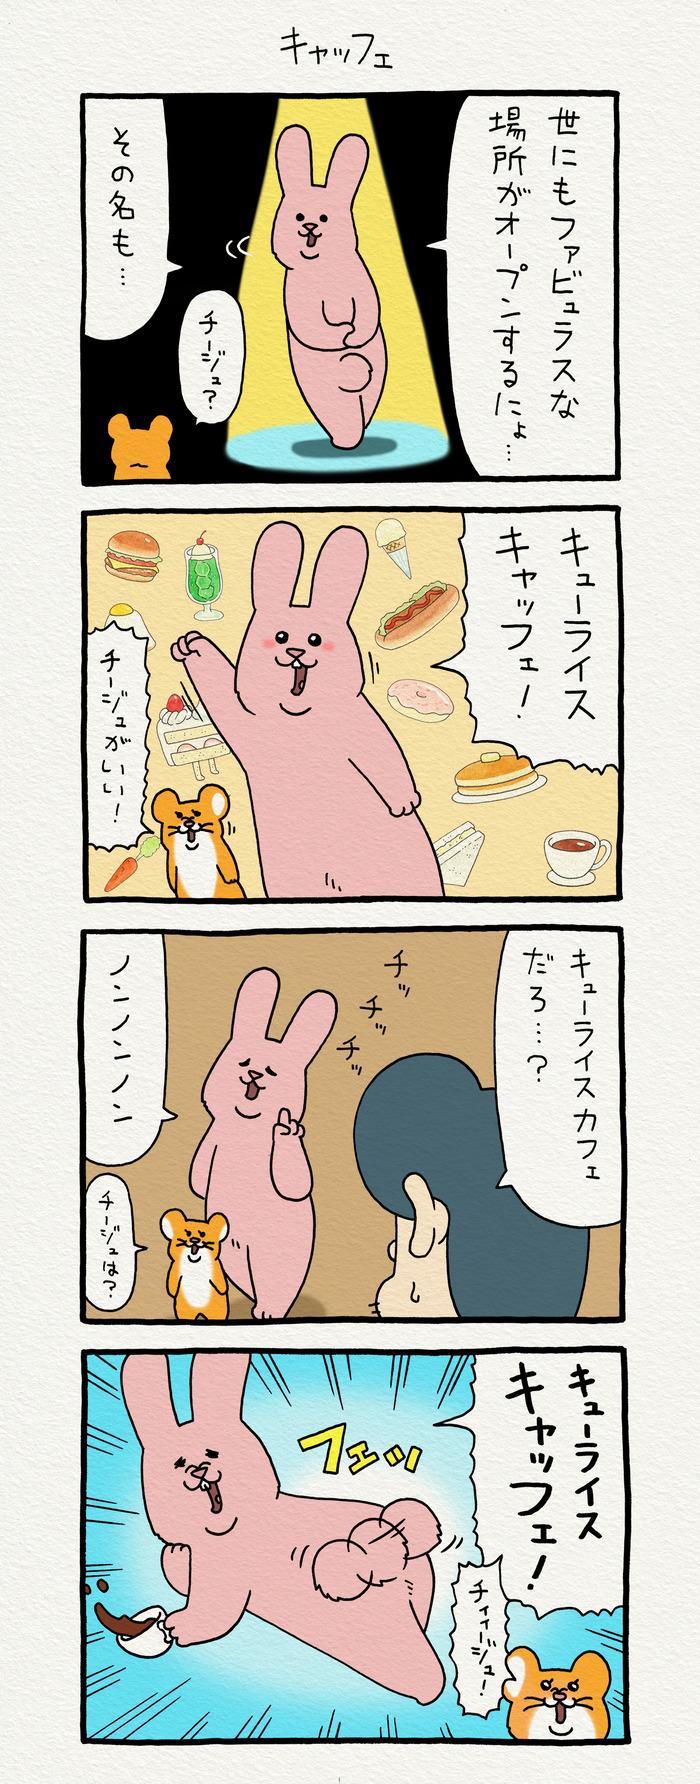 スキウサギ キャッフェ のコピー